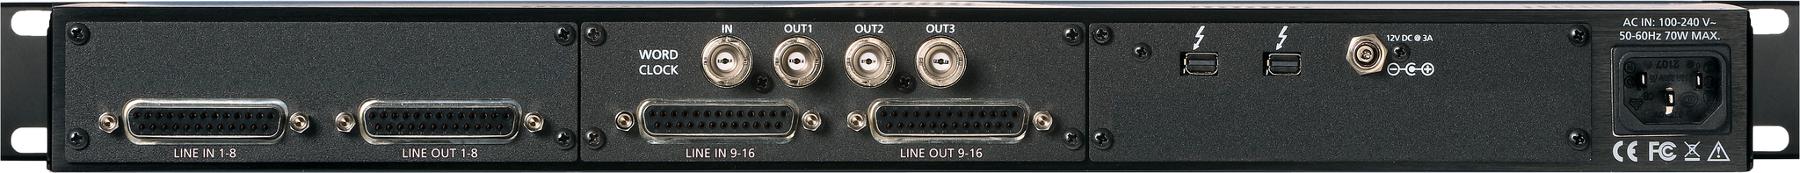 16-channel 24-bit / 192 kHz A/D D/A Converter System [Dante]